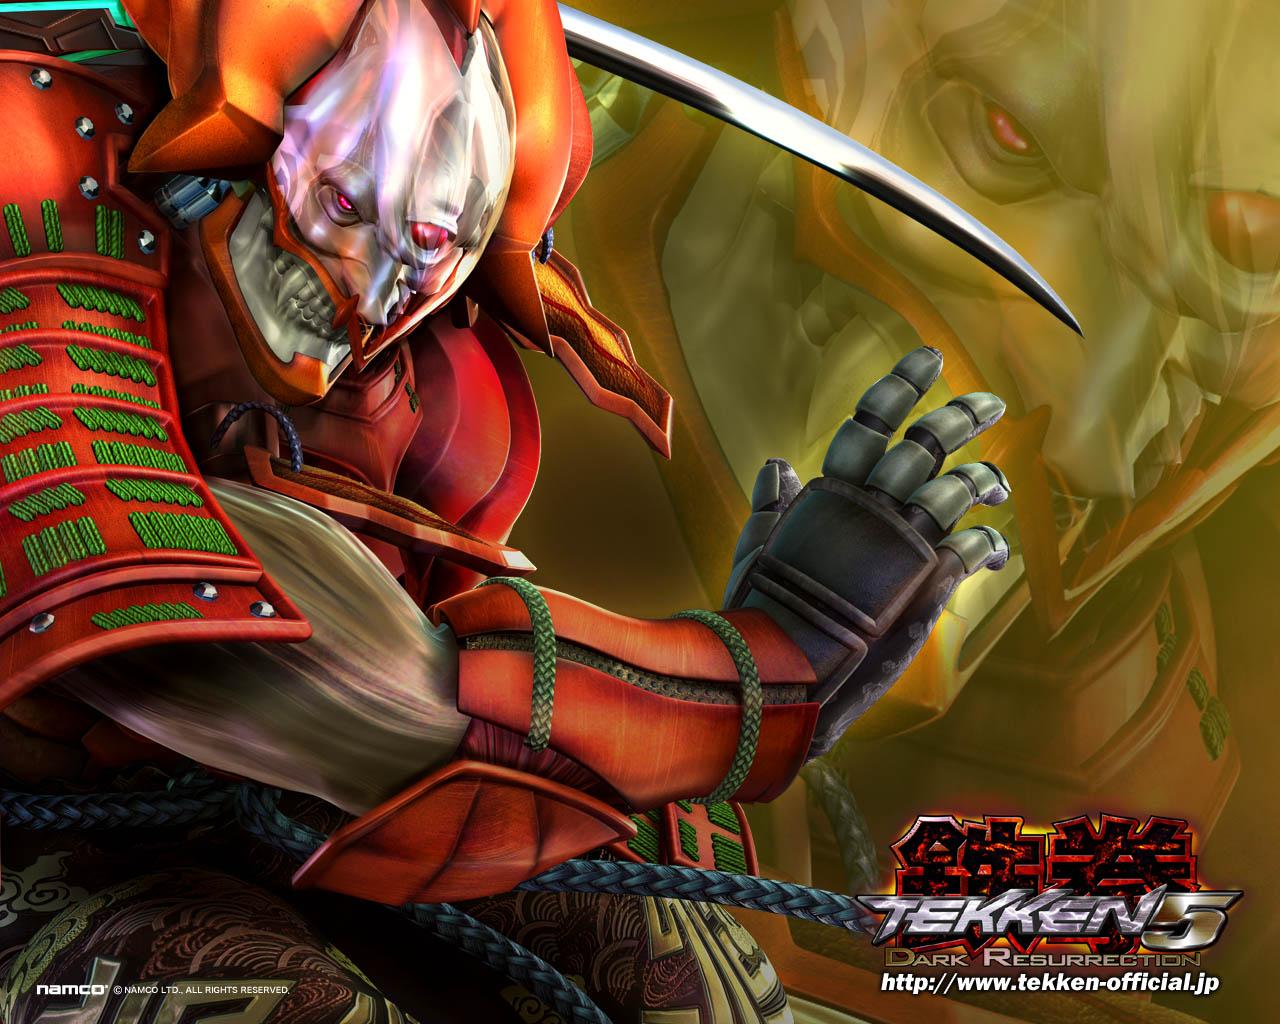 Yoshimitsu  Tekken Zaibatsu Forums